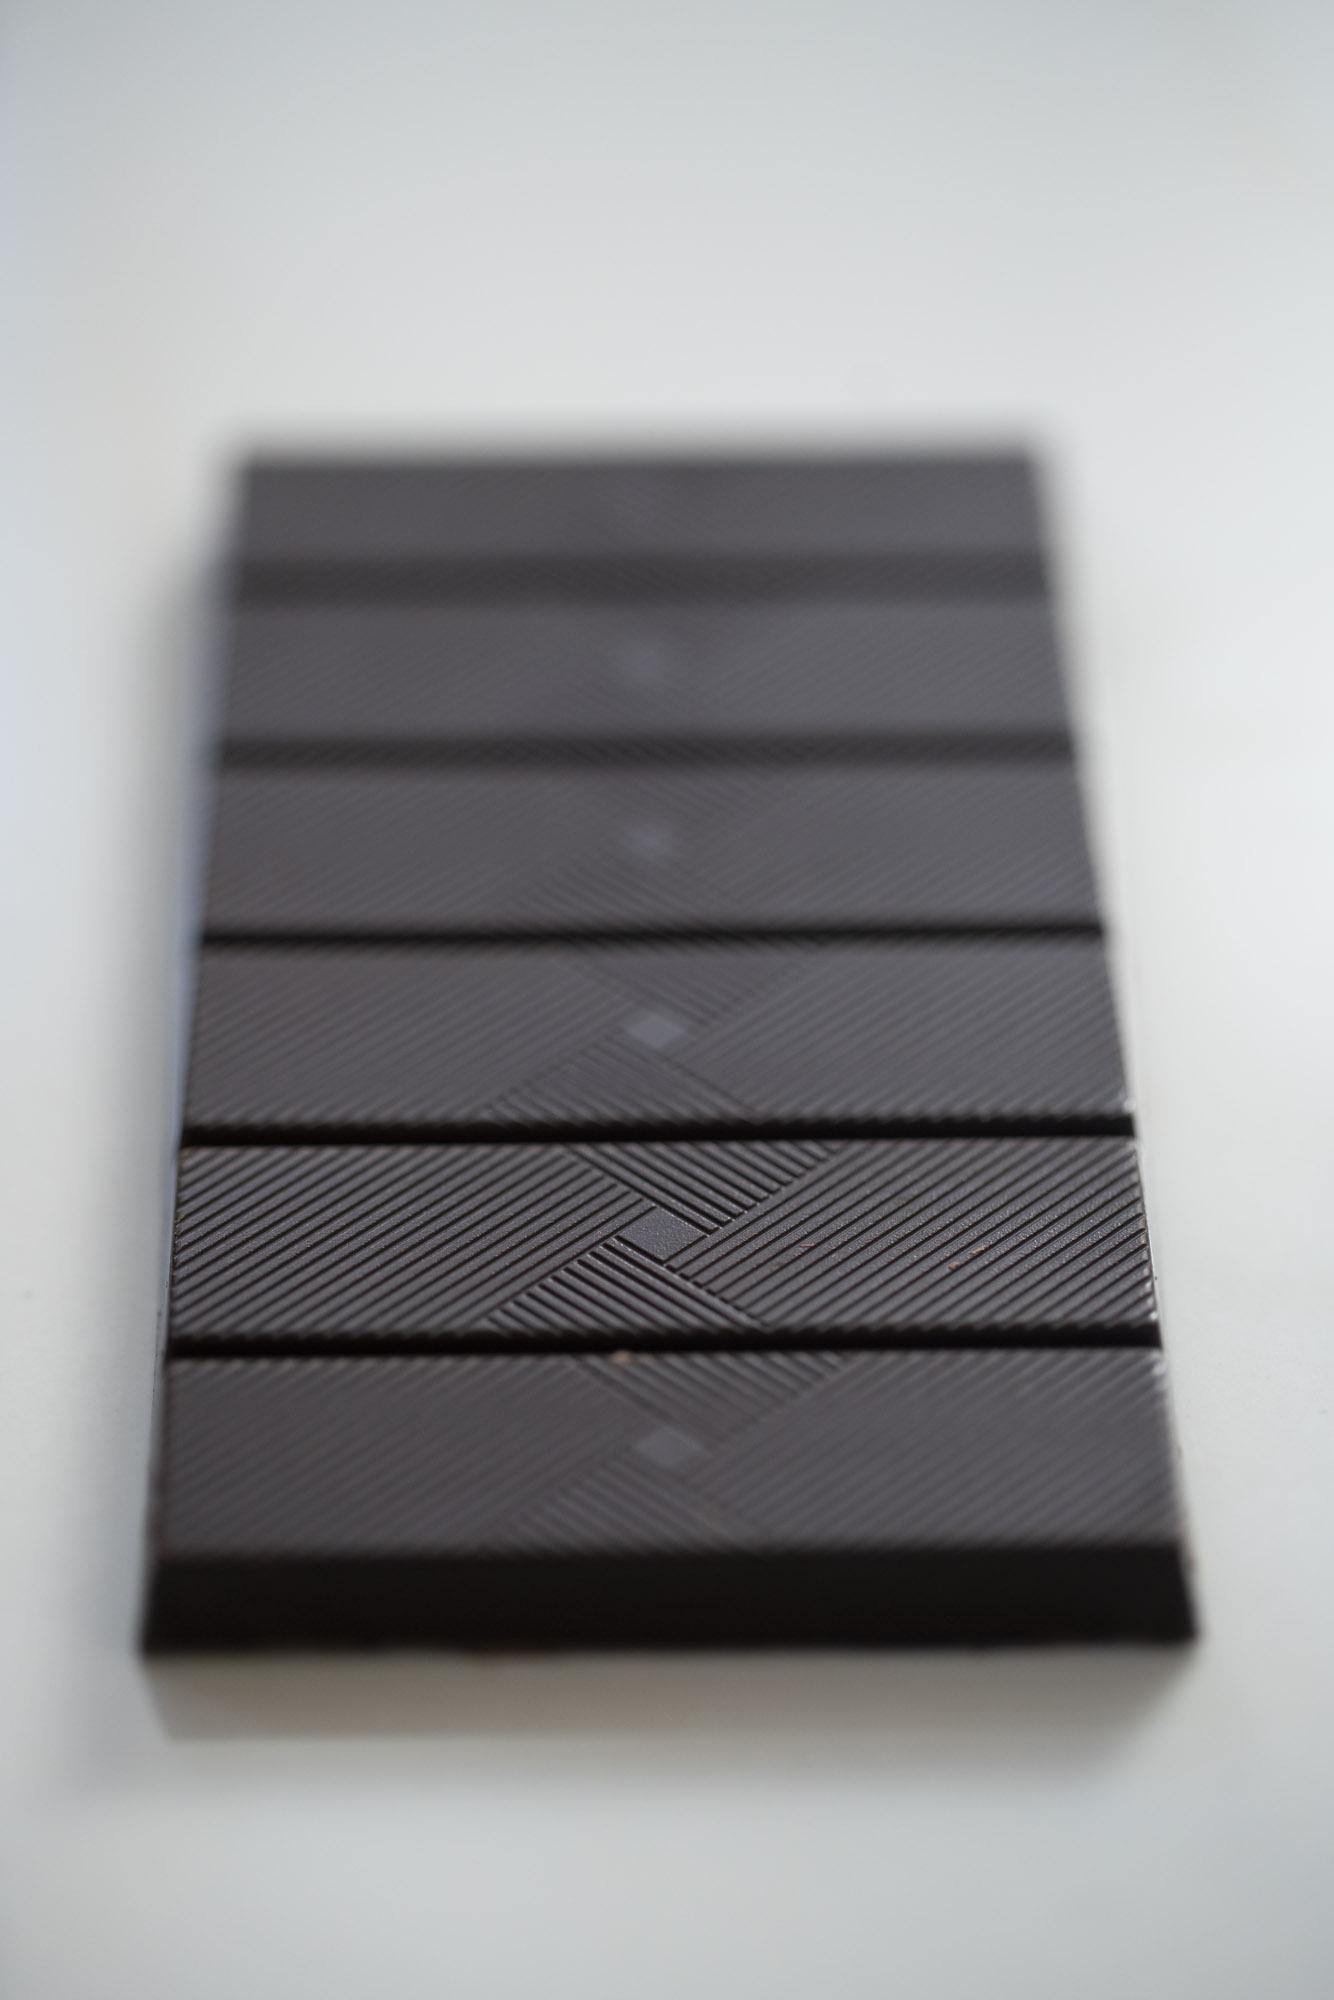 Tablette Superchoc, chocolat belge et bio de Supersec